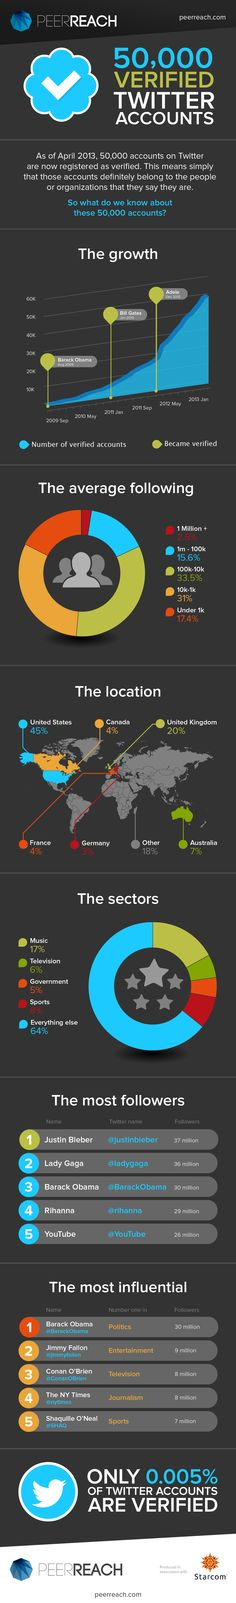 Els comptes verificats de Twitter #infografia